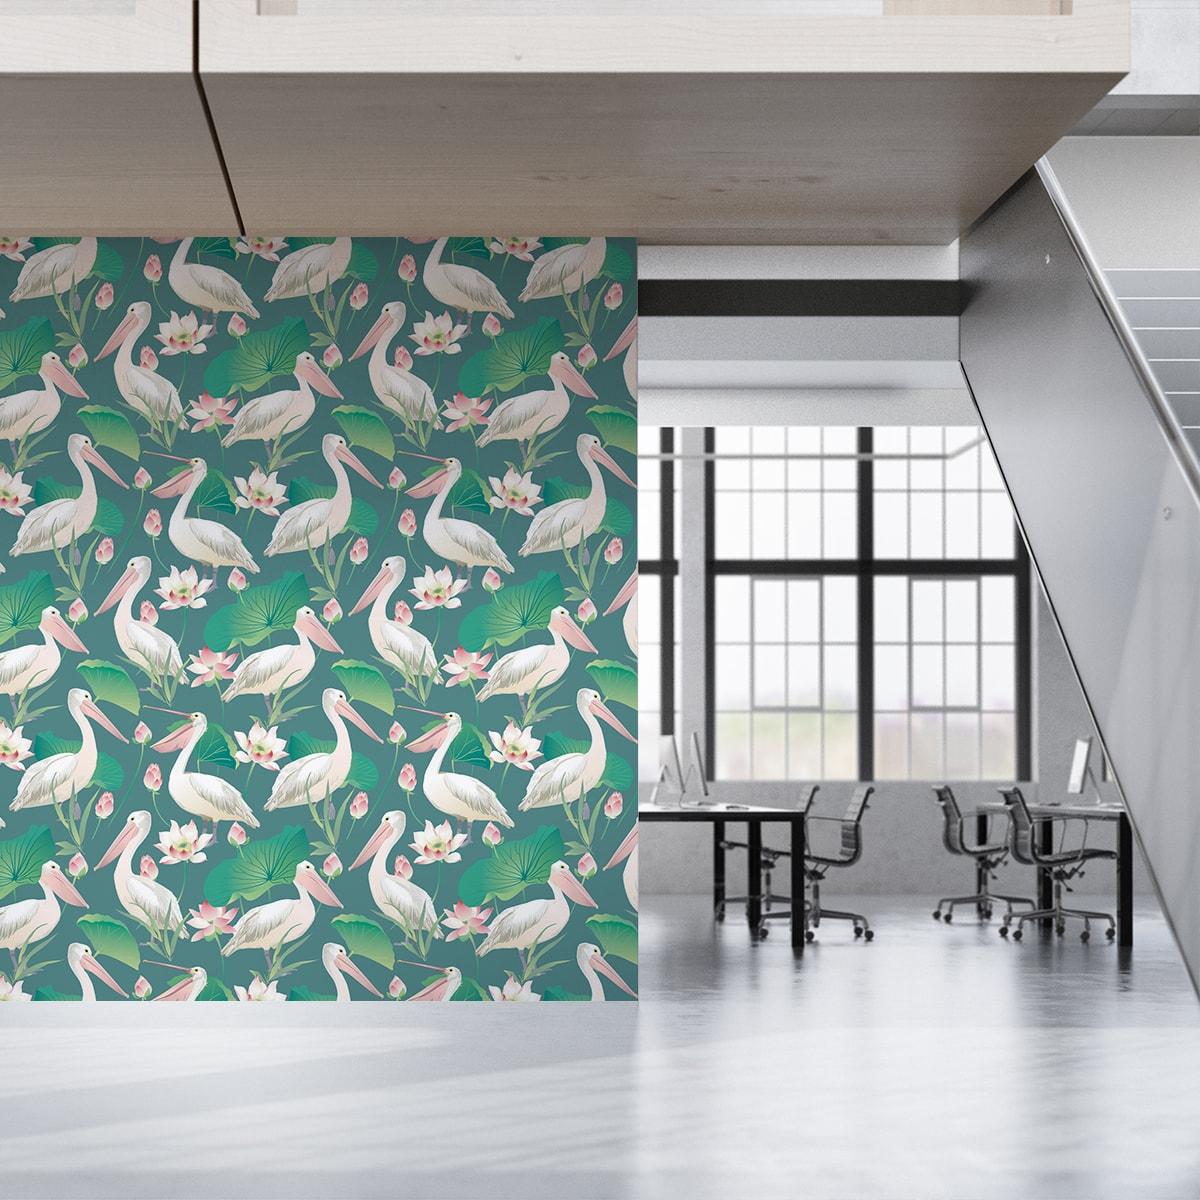 """Grüne Vogel Tapete """"Pelican Pond"""" mit Pelikanen und Seerosen angepasst an Little Greene Wandfarben  2"""